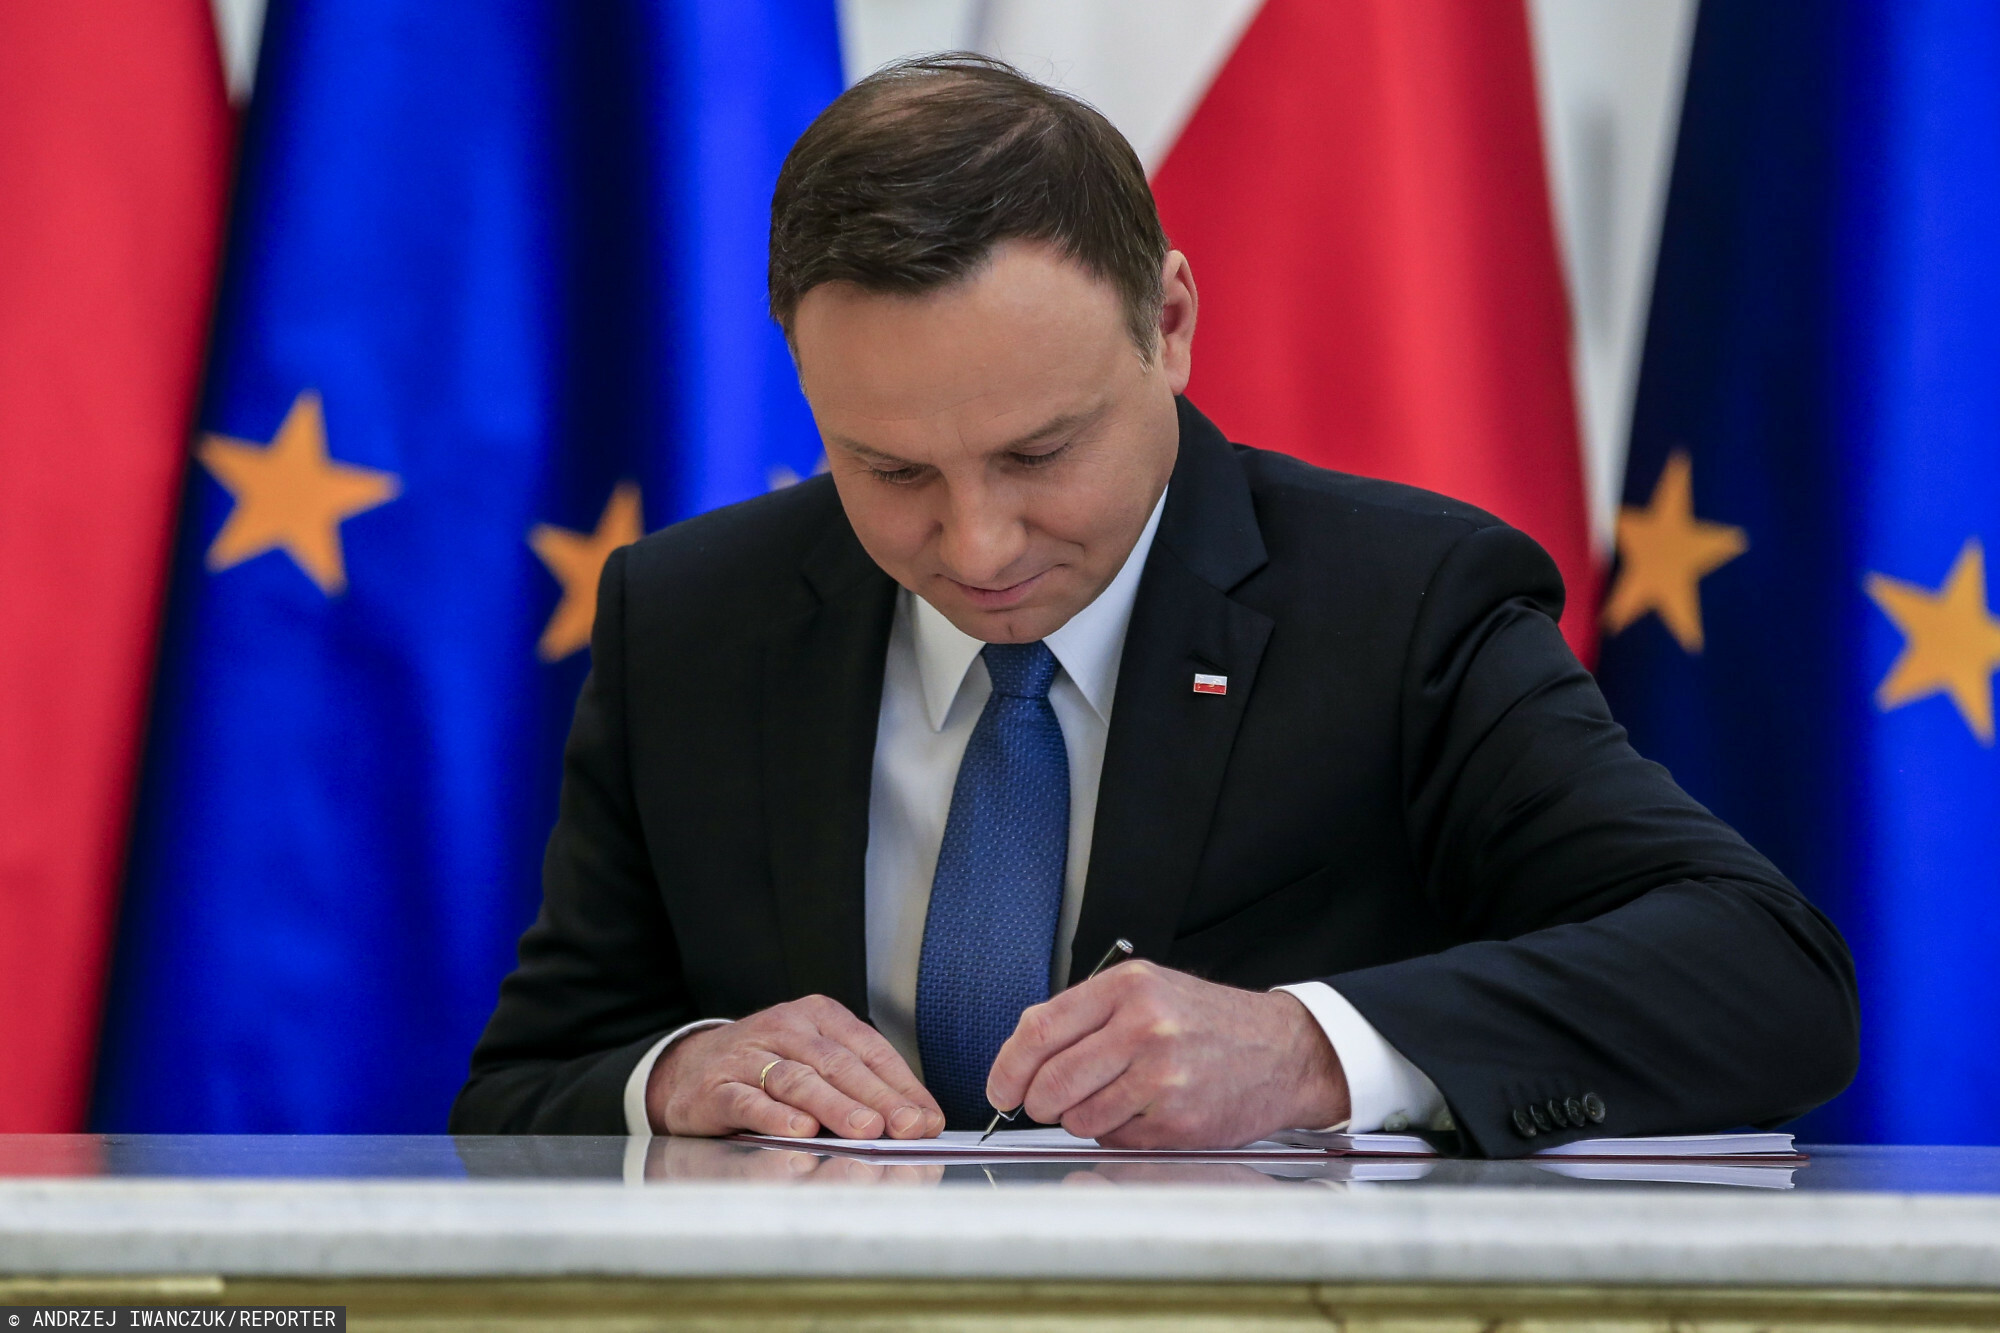 Prezydent podpisał nowelę dot. inwestycji energetycznych